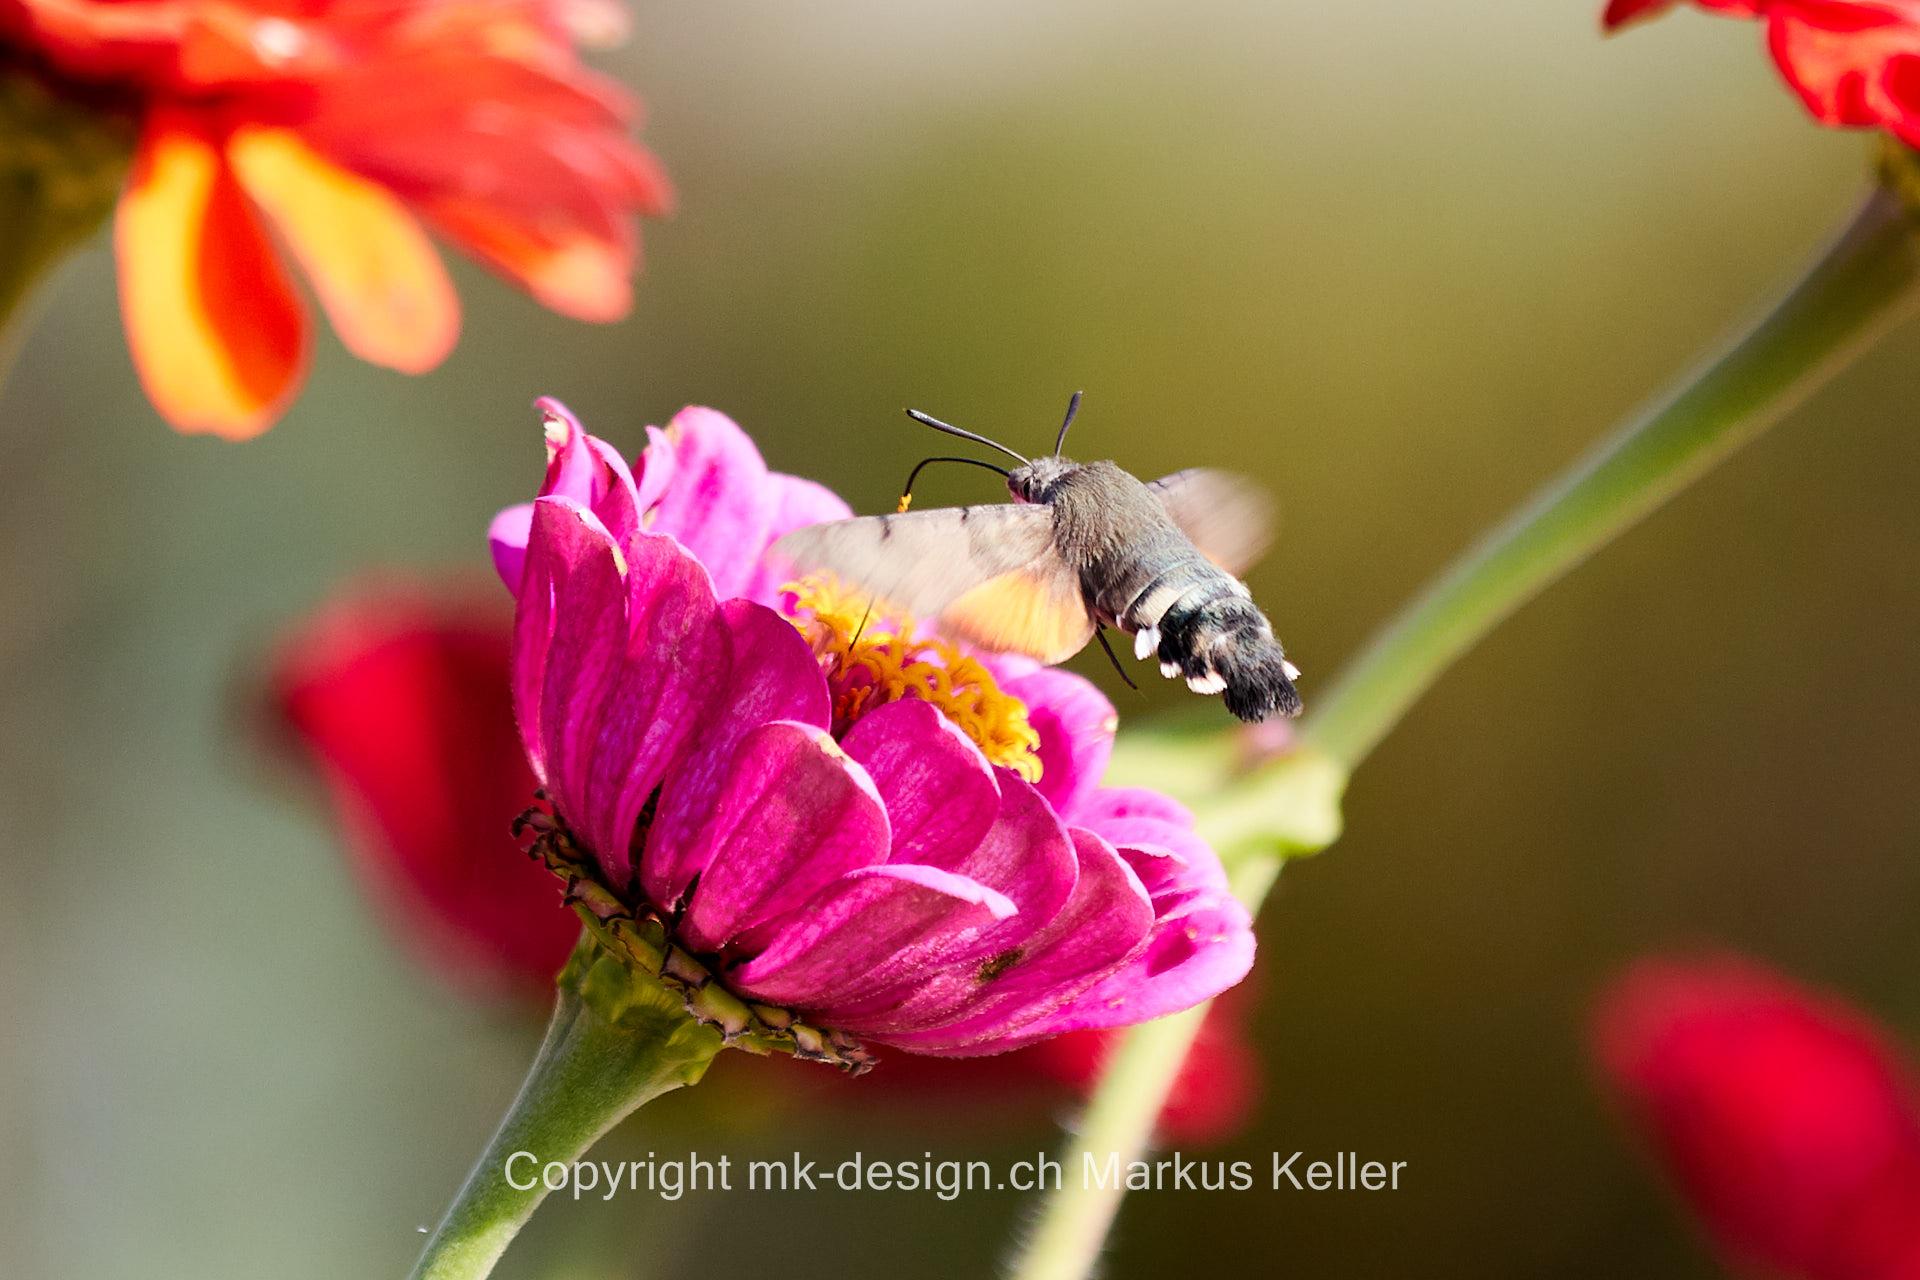 Tier   Insekte   Schmetterling   Taubenschwänzchen   Pflanze   Blume   Zinnie